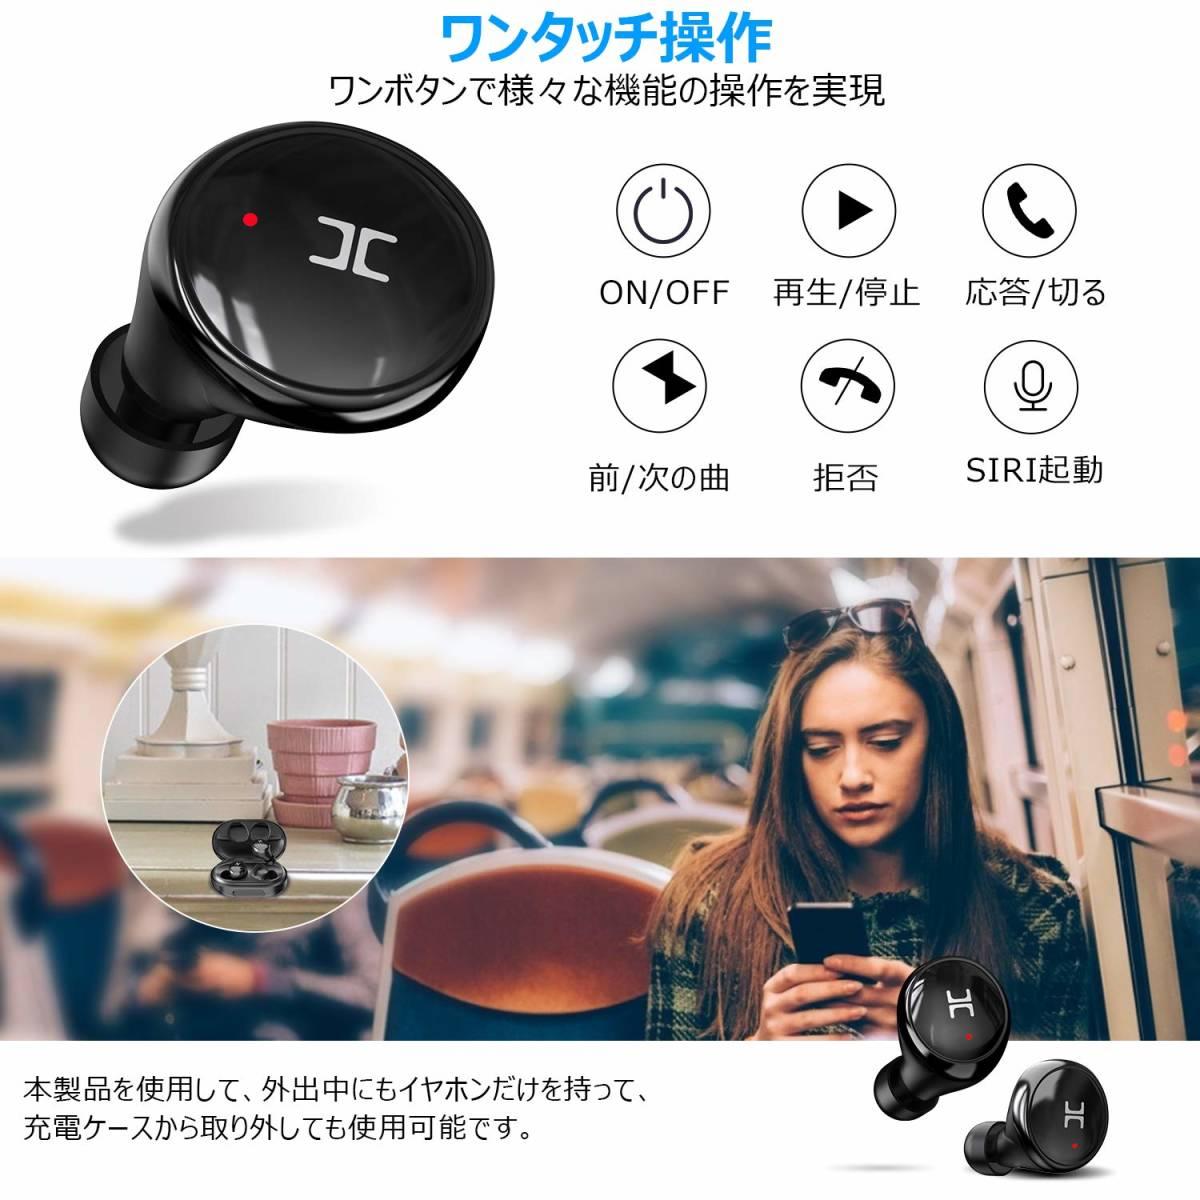 O420 新品 完全ワイヤレスイヤホン Bluetooth イヤホン イヤフォン ワイヤレスイヤホン IPX8 Bluetooth5.0 iPhone Android 対応 おすすめ_画像5